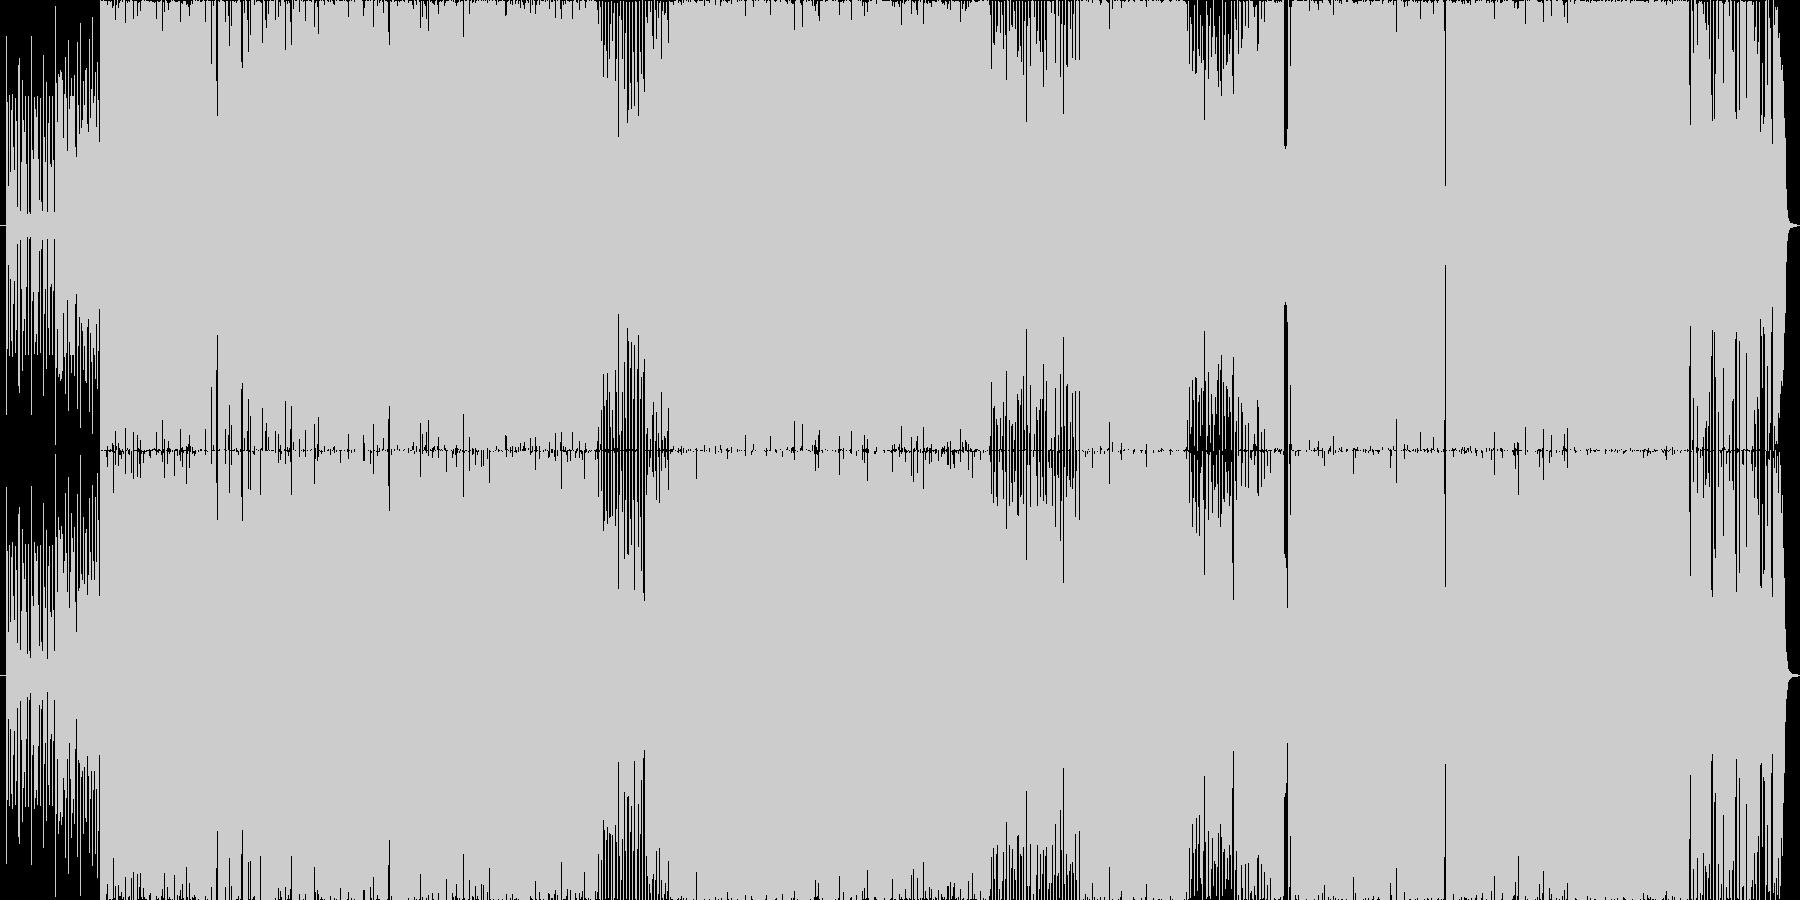 爽やかなEDM風ポップスの未再生の波形